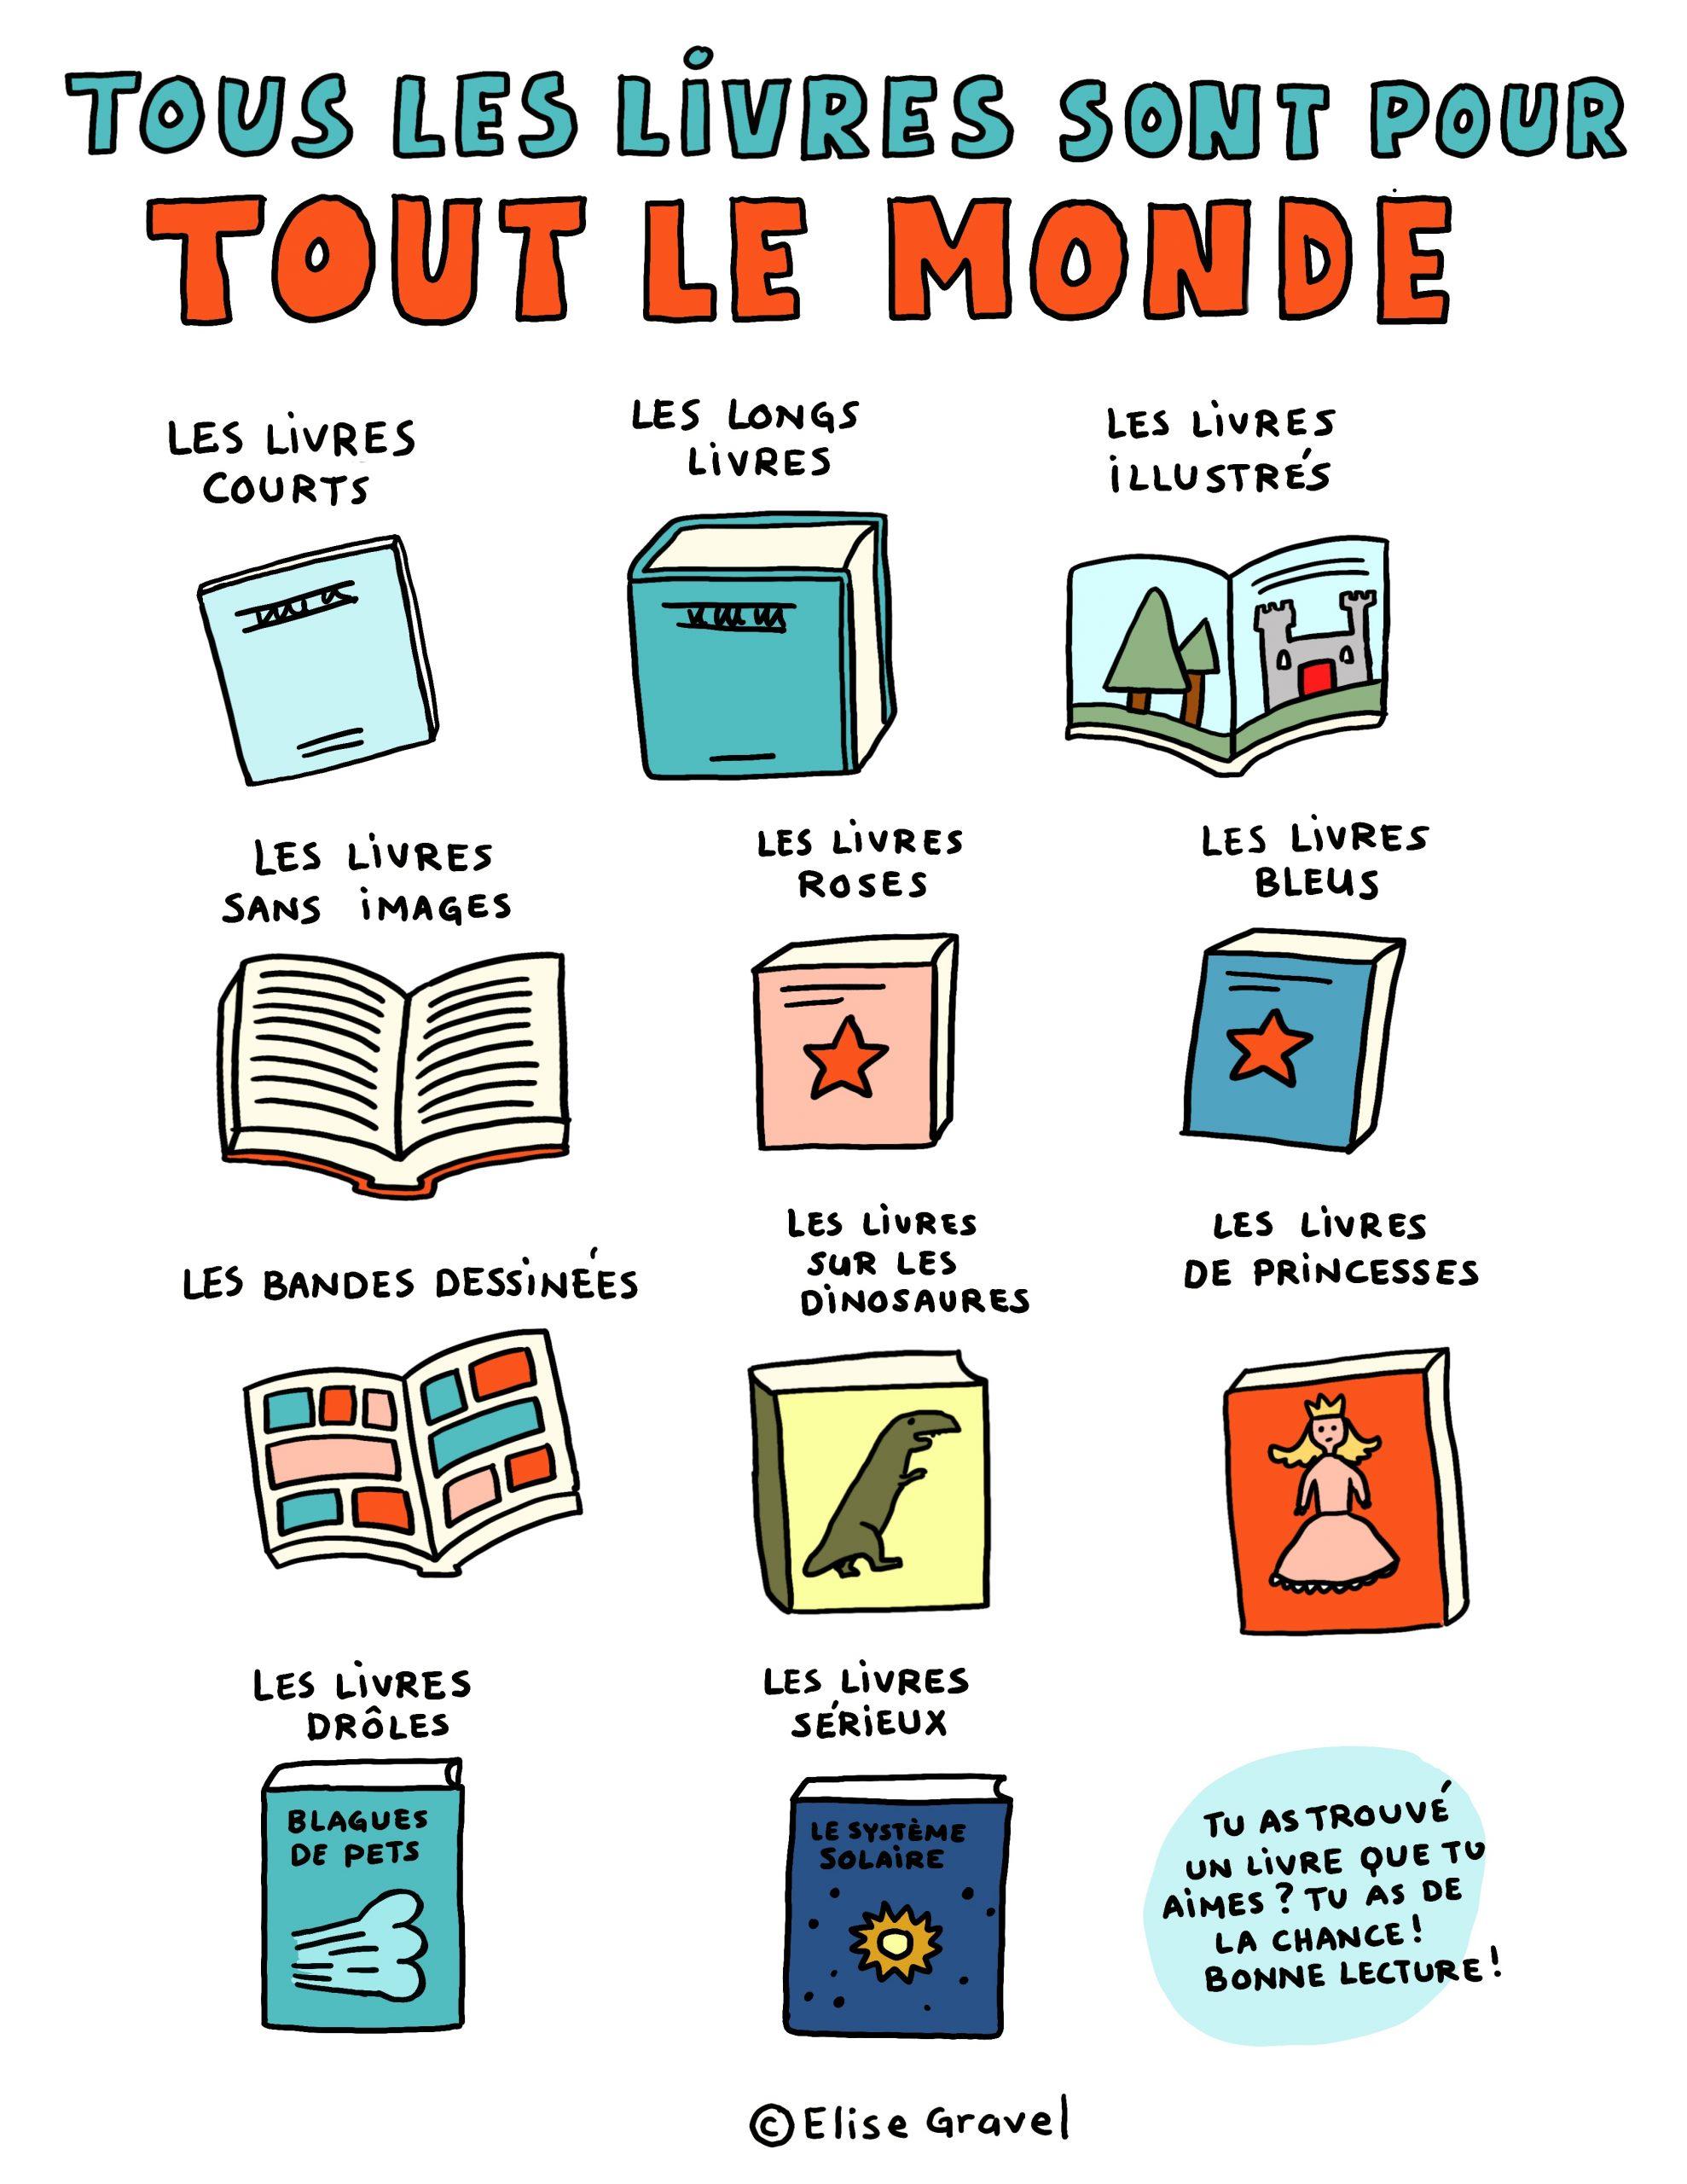 Elise Gravel | Auteure – Illustratrice concernant Imprimer Un Livre Gratuitement